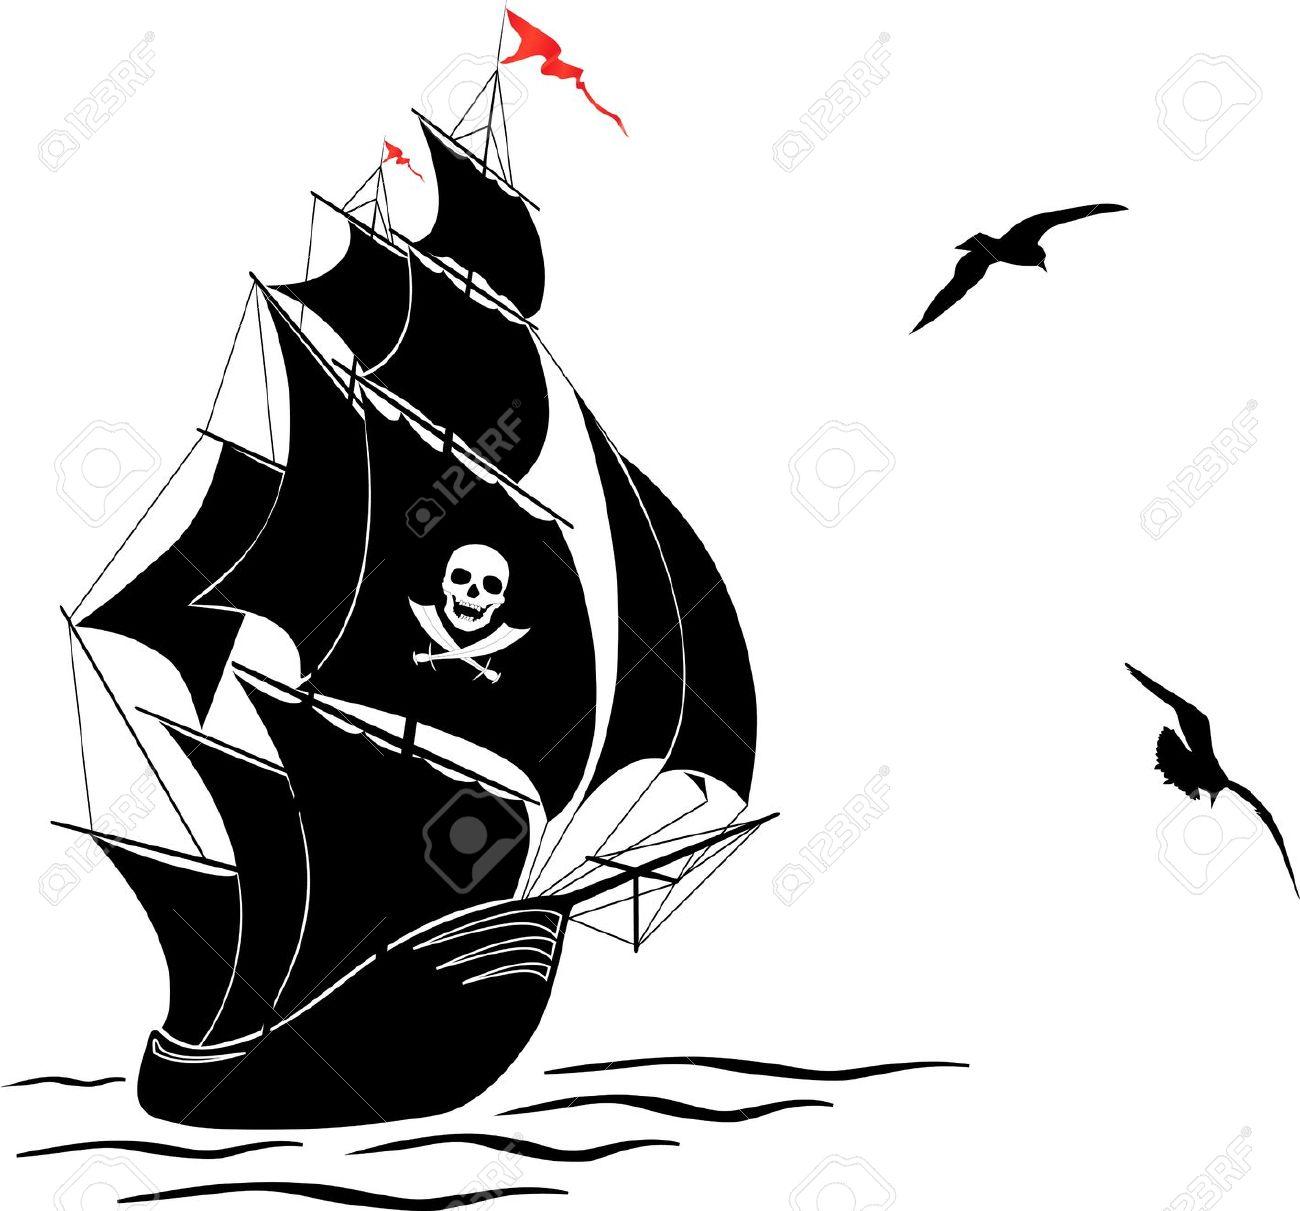 Pirate Ship Silhouette Clip Art